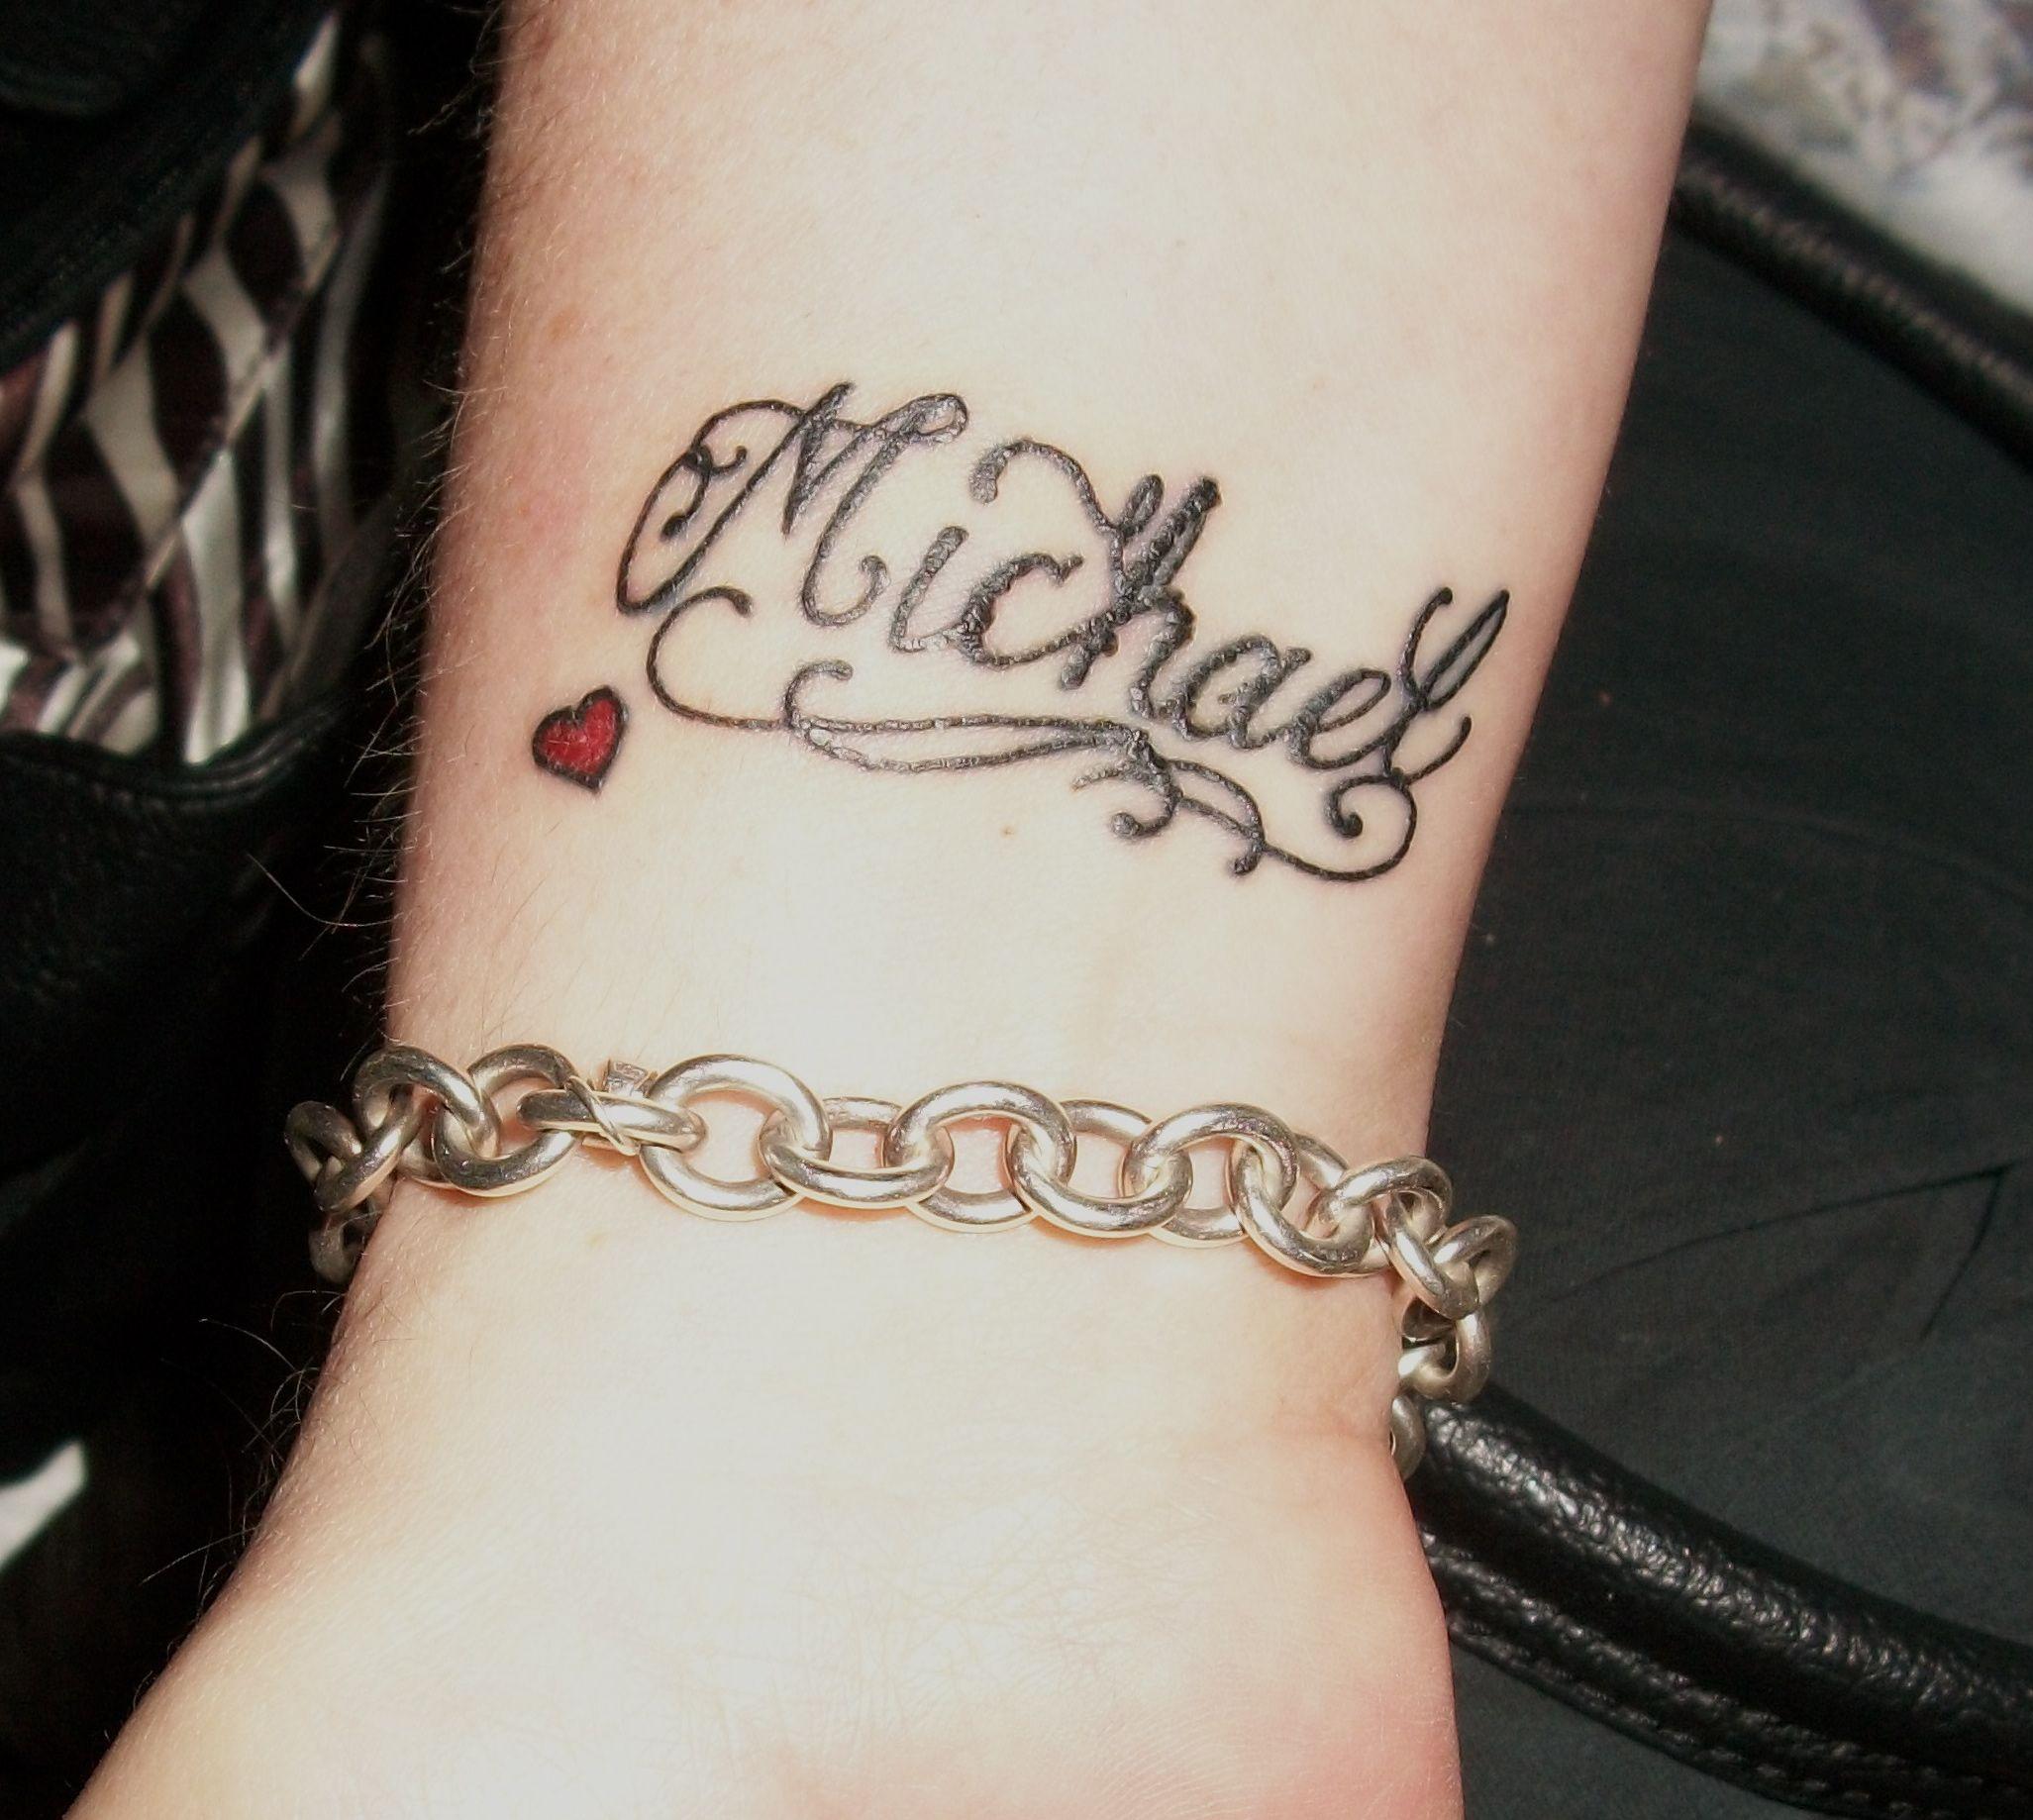 Other Sons Name Michael Couple Name Tattoos Sarah Tattoo Name Tattoos